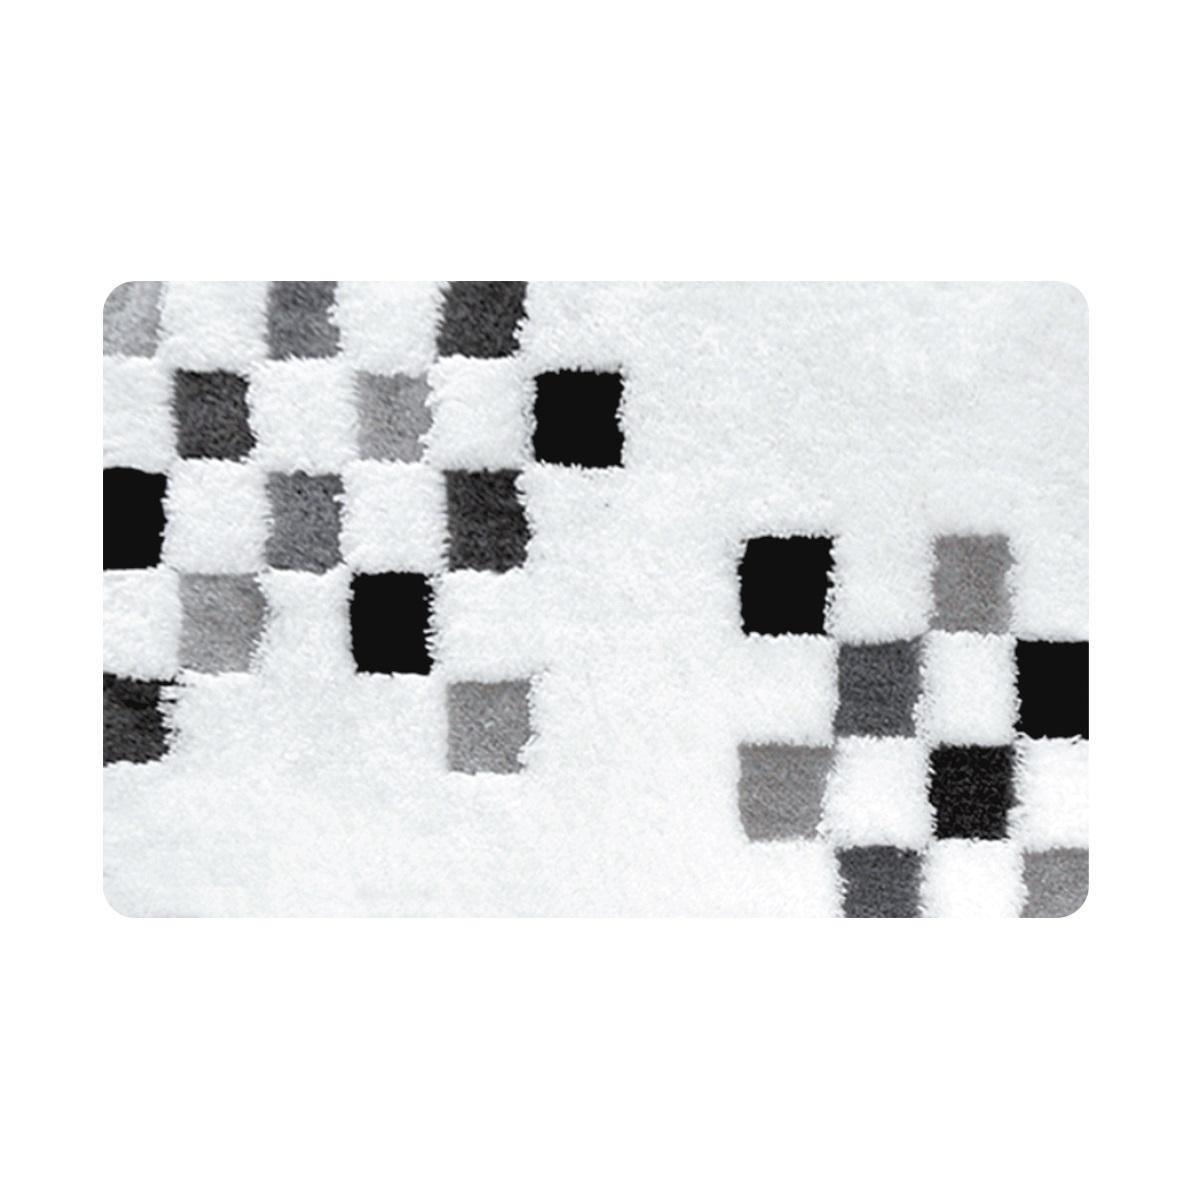 Коврик для ванной Iddis Grey chessboard, цвет: серо-белый, 60 х 90 смMID220AКоврик для ванной комнаты Iddis выполнен из акрила. Коврик имеет специальную латексную основу, благодаря которой он не скользит на напольных покрытия в ванной, что обеспечивает безопасность во время использования. Коврик изготавливается по специальным технологиям машинного ручного тафтинга, что гарантирует высокое качество и долговечность.Высота ворса: 2,5 см.